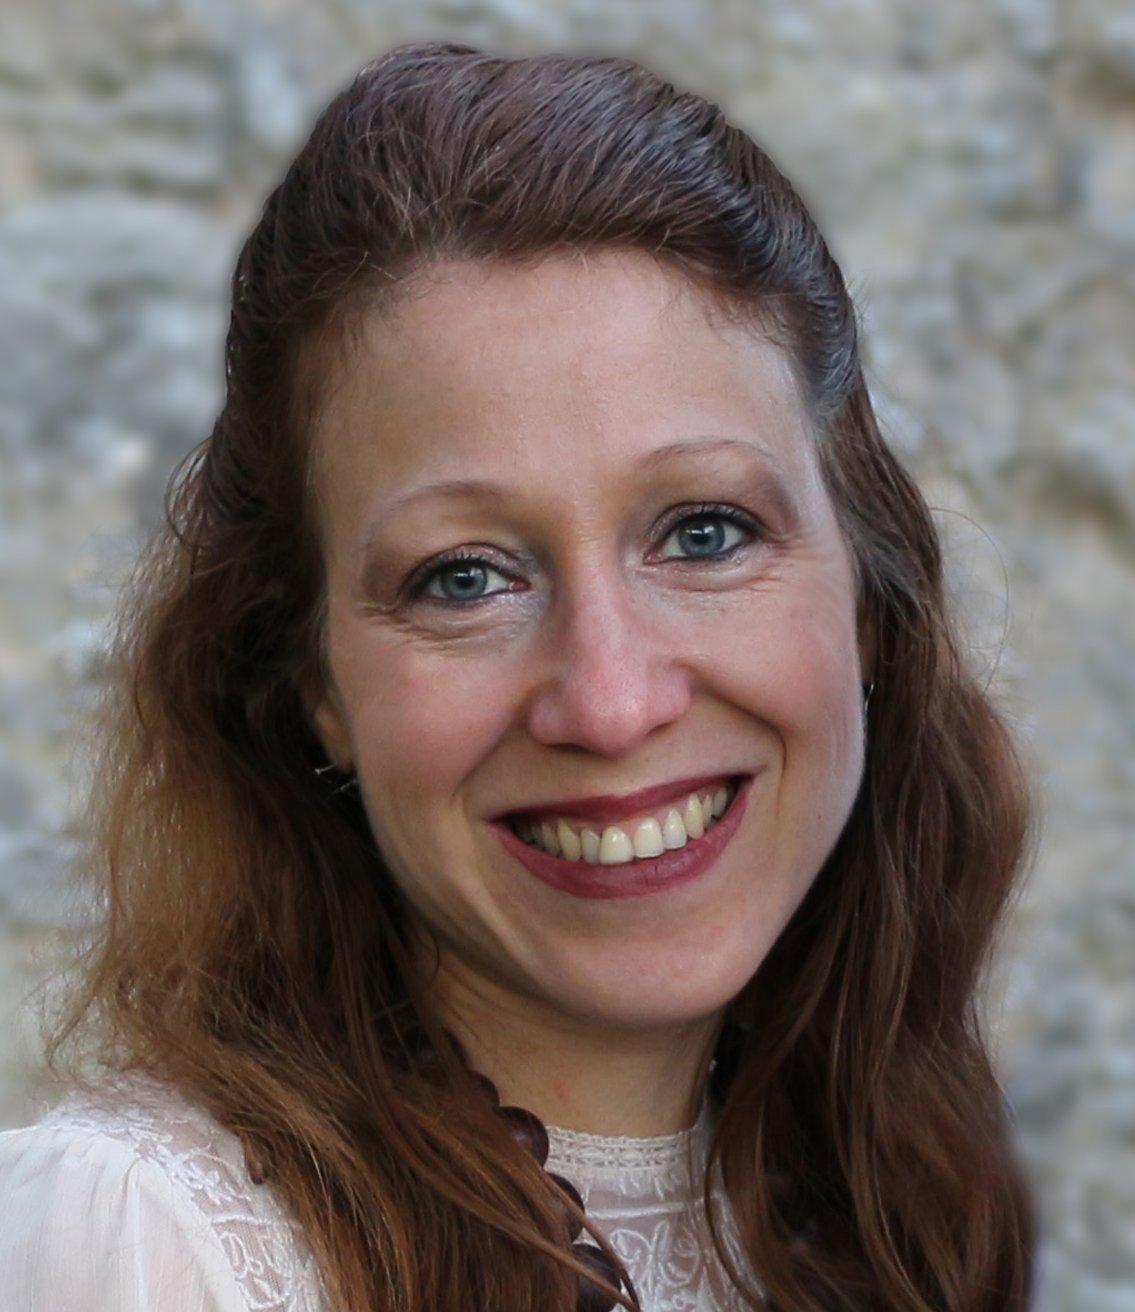 Agnes de Bezenac